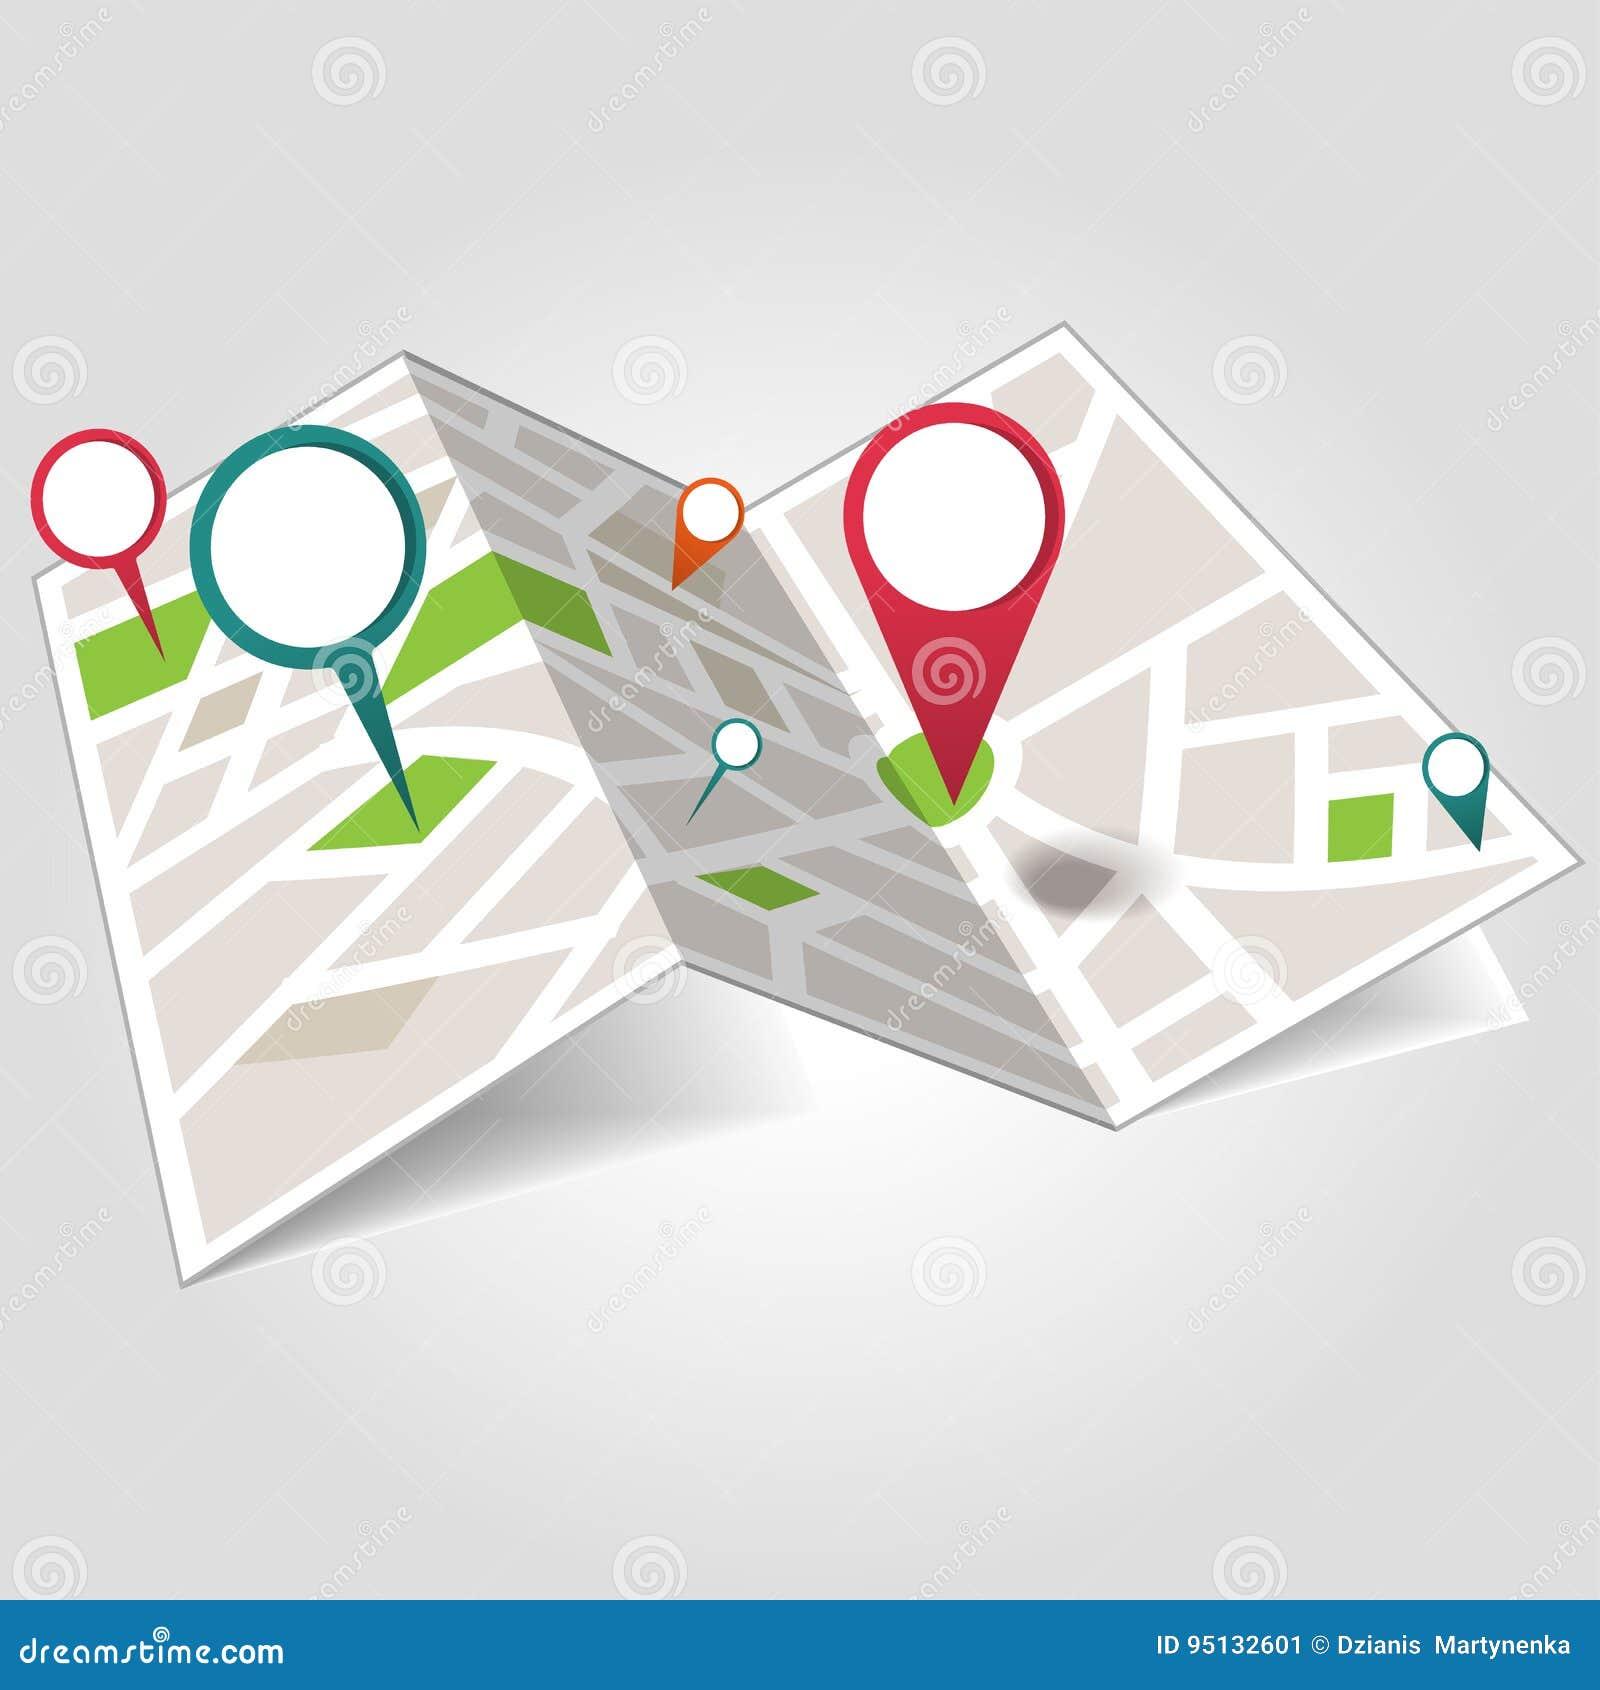 Mapa de lugar isométrico